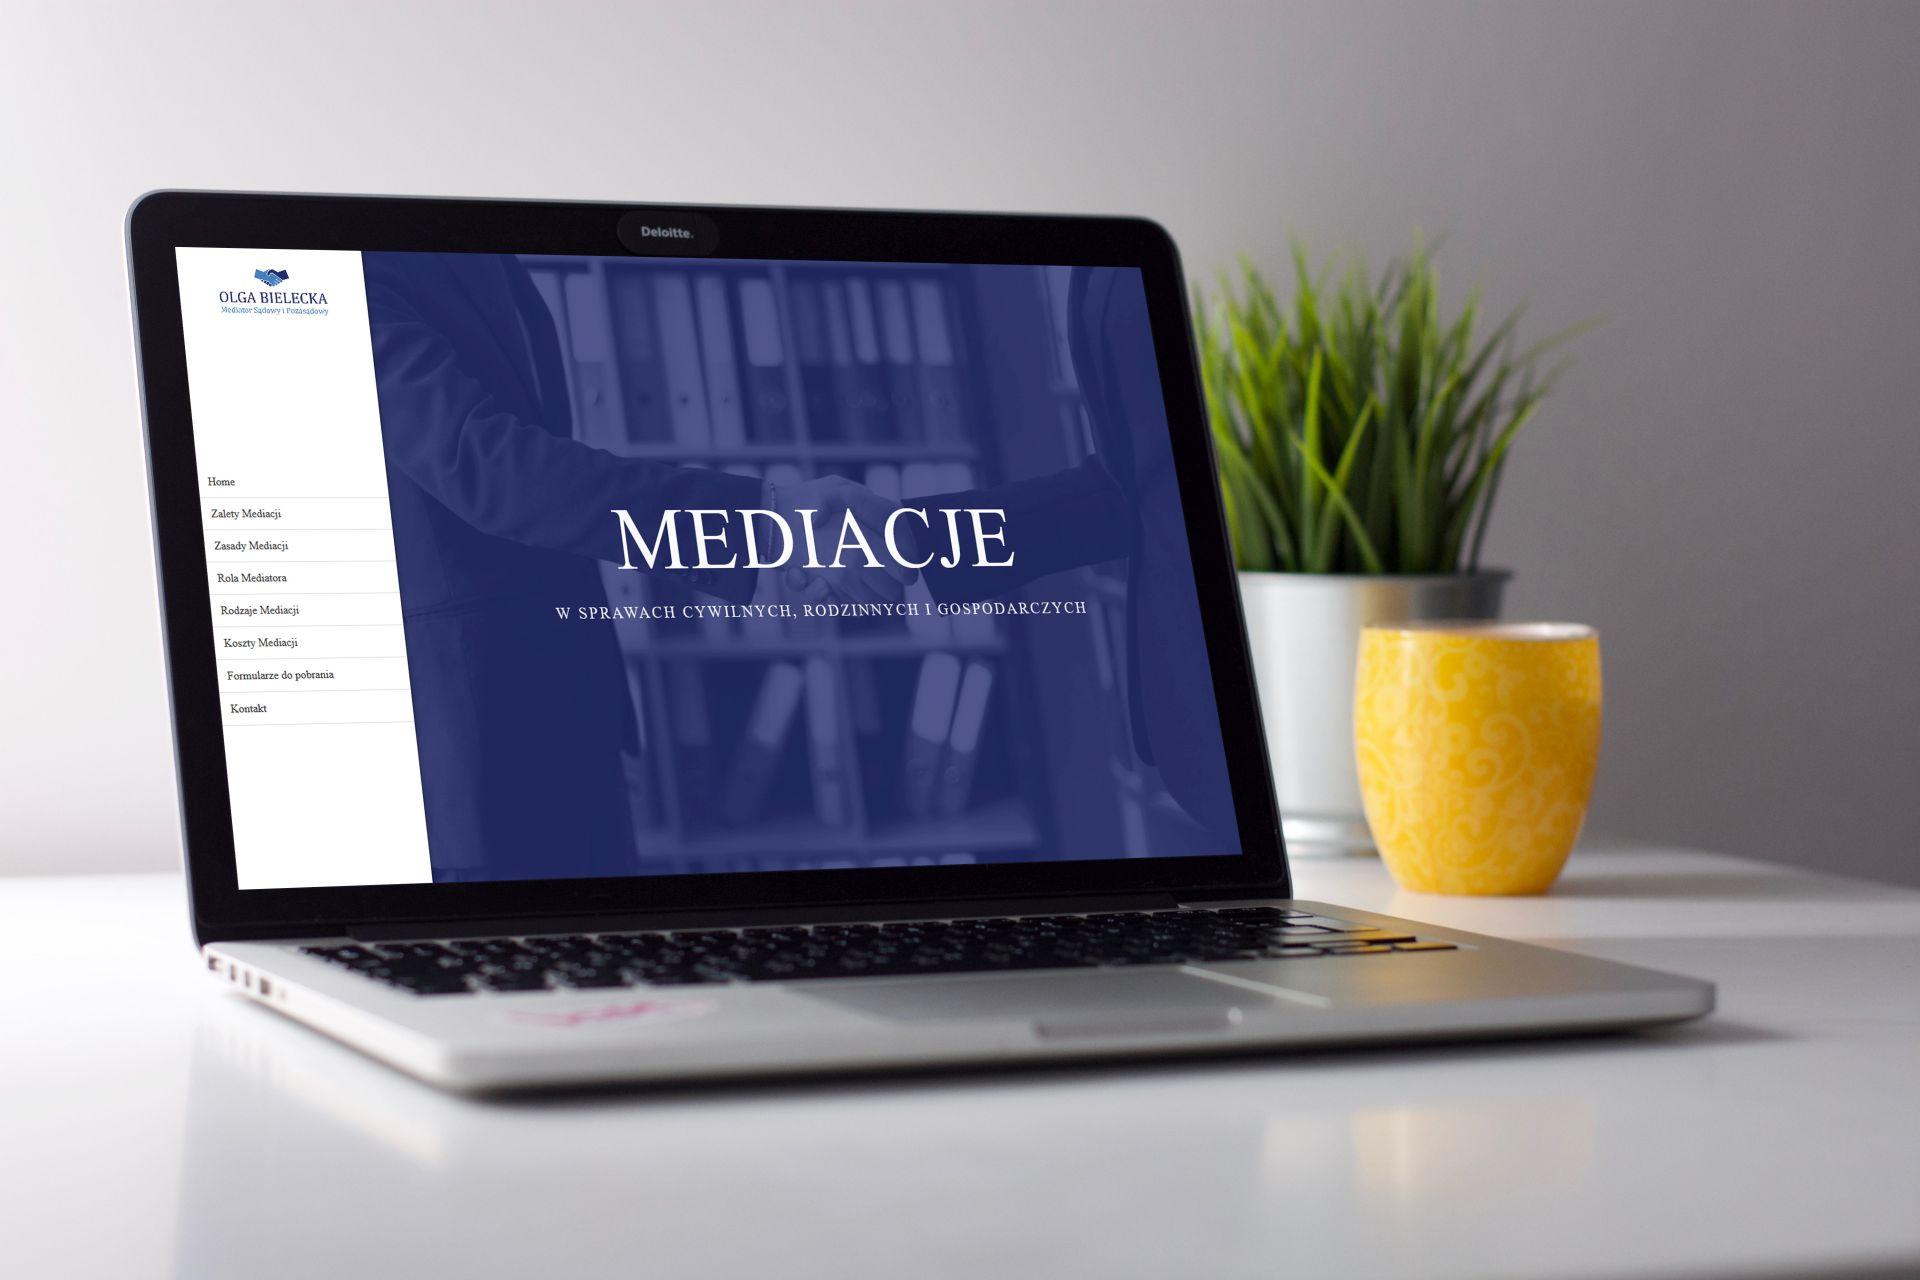 Wykonanie strony internetowej dla Mediatora Olgi Bieleckiej